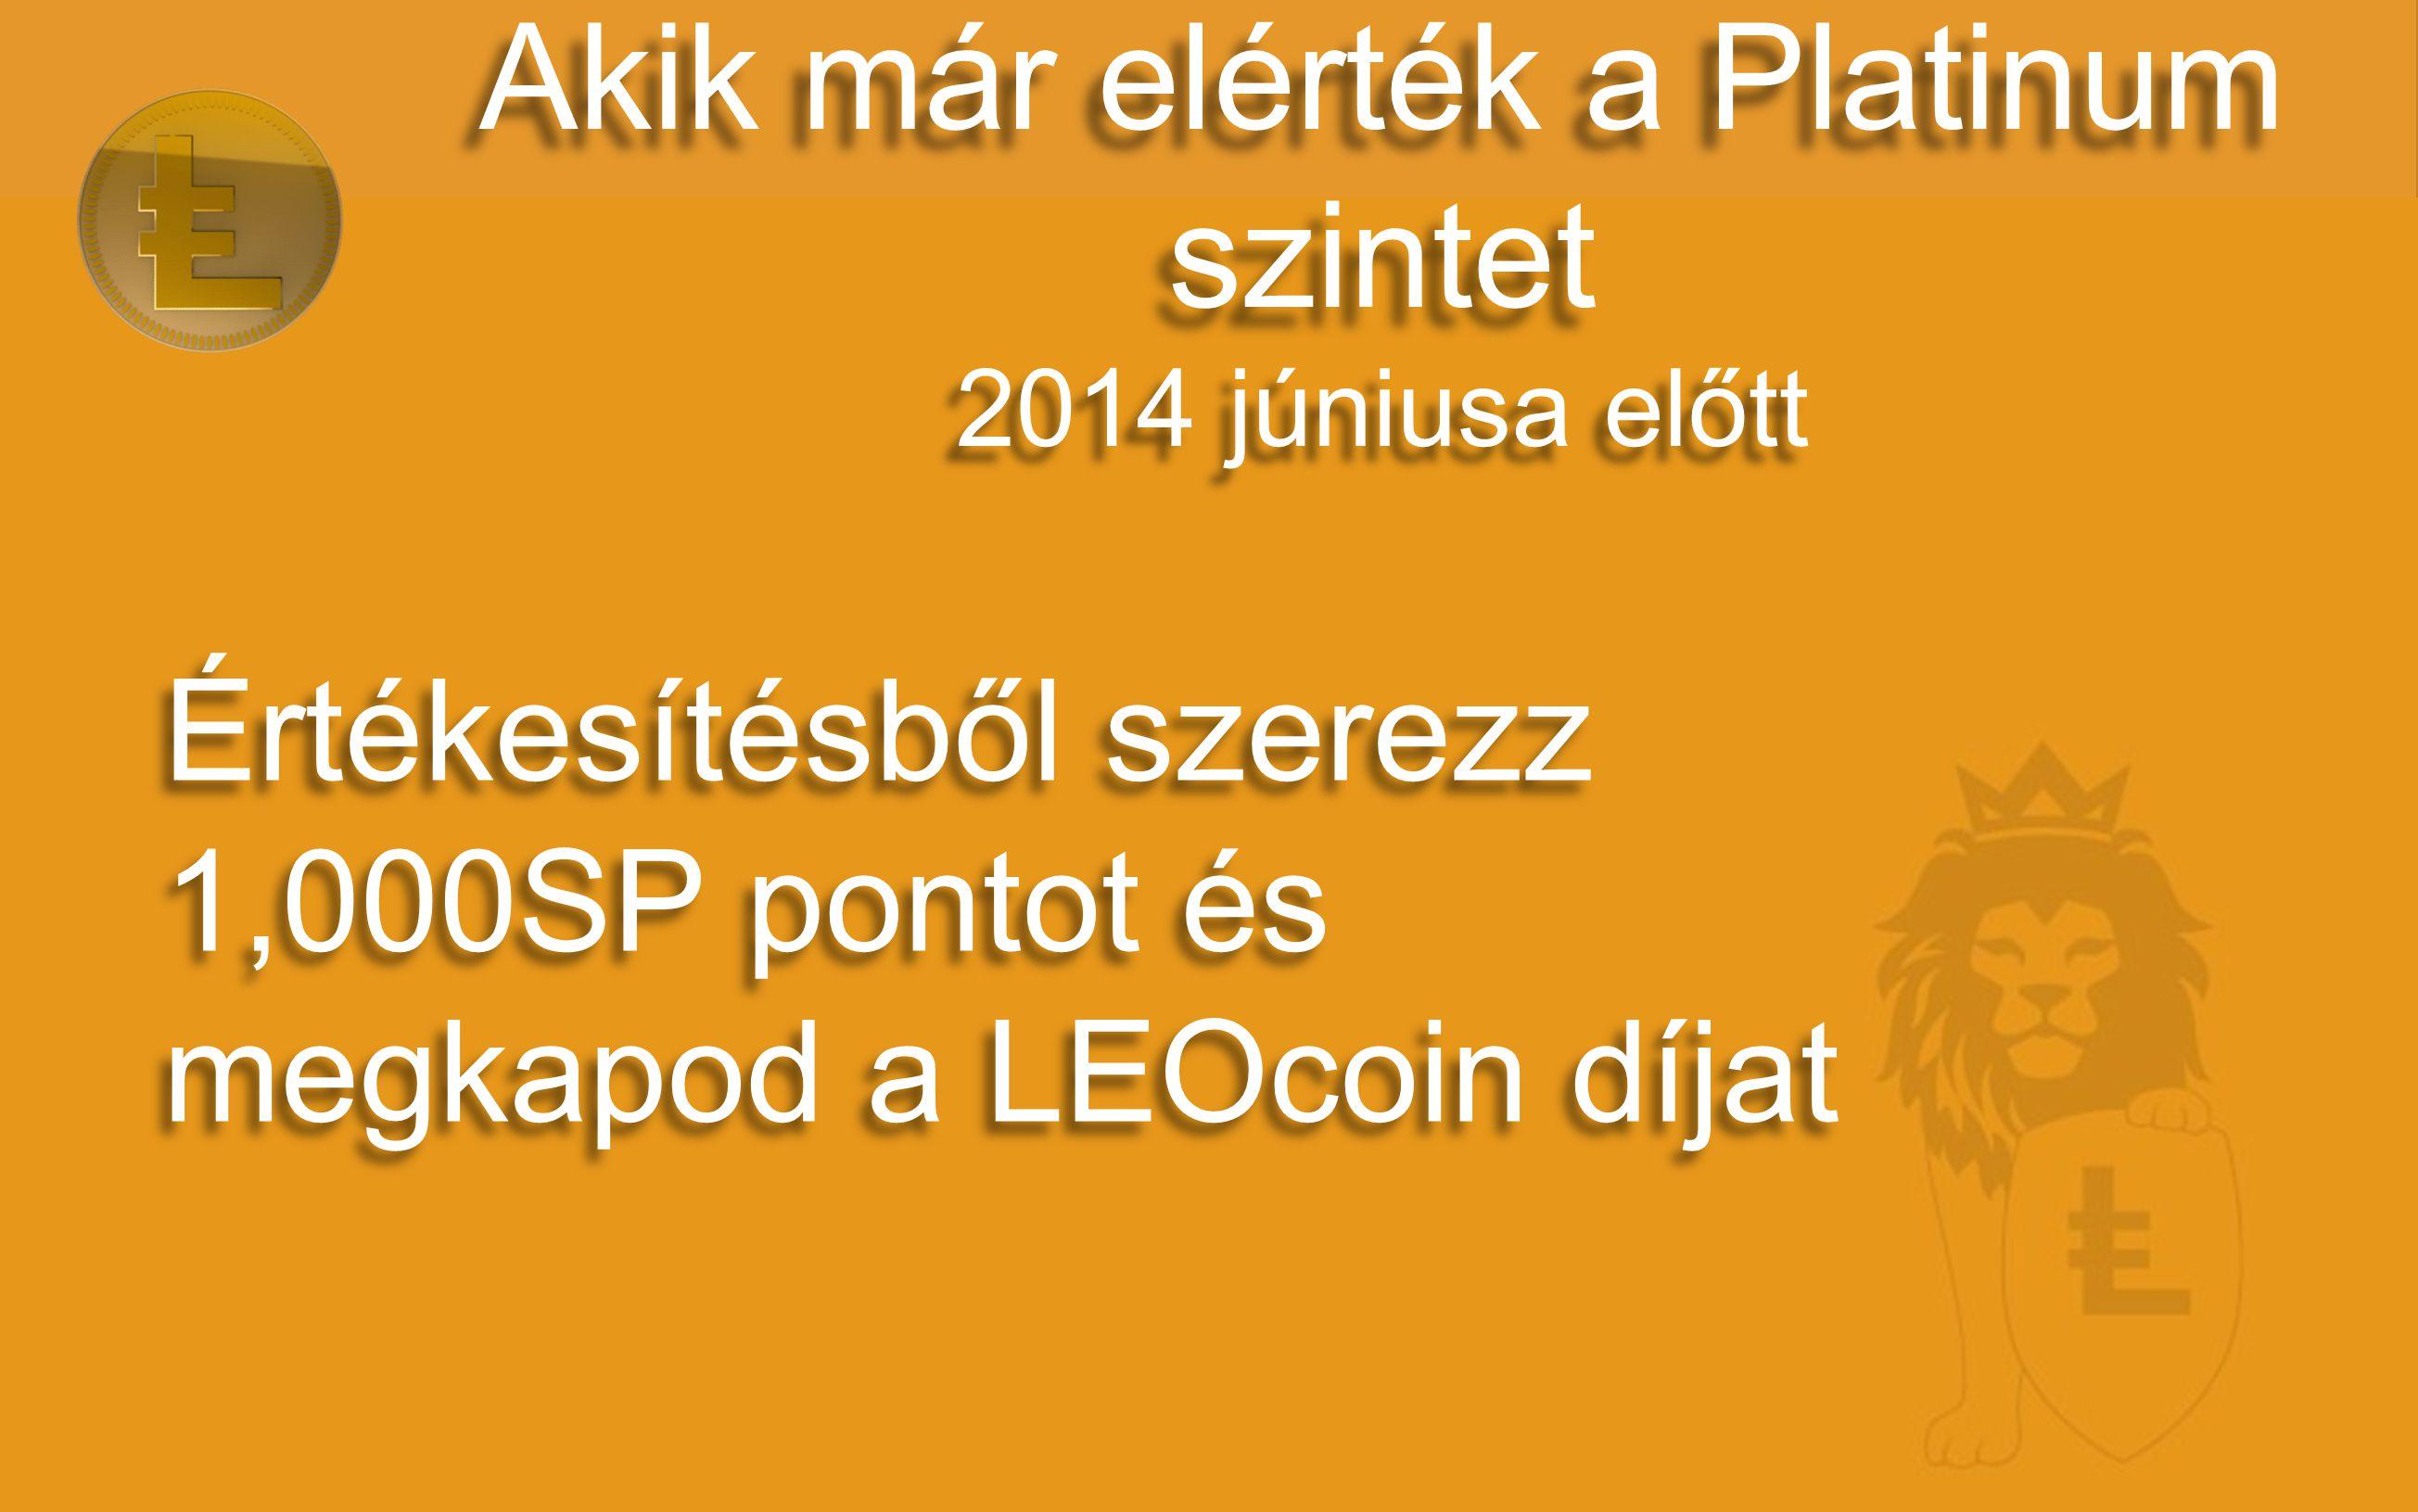 Akik már elérték a Platinum szintet 2014 júniusa előtt Értékesítésből szerezz 1,000SP pontot és megkapod a LEOcoin díjat